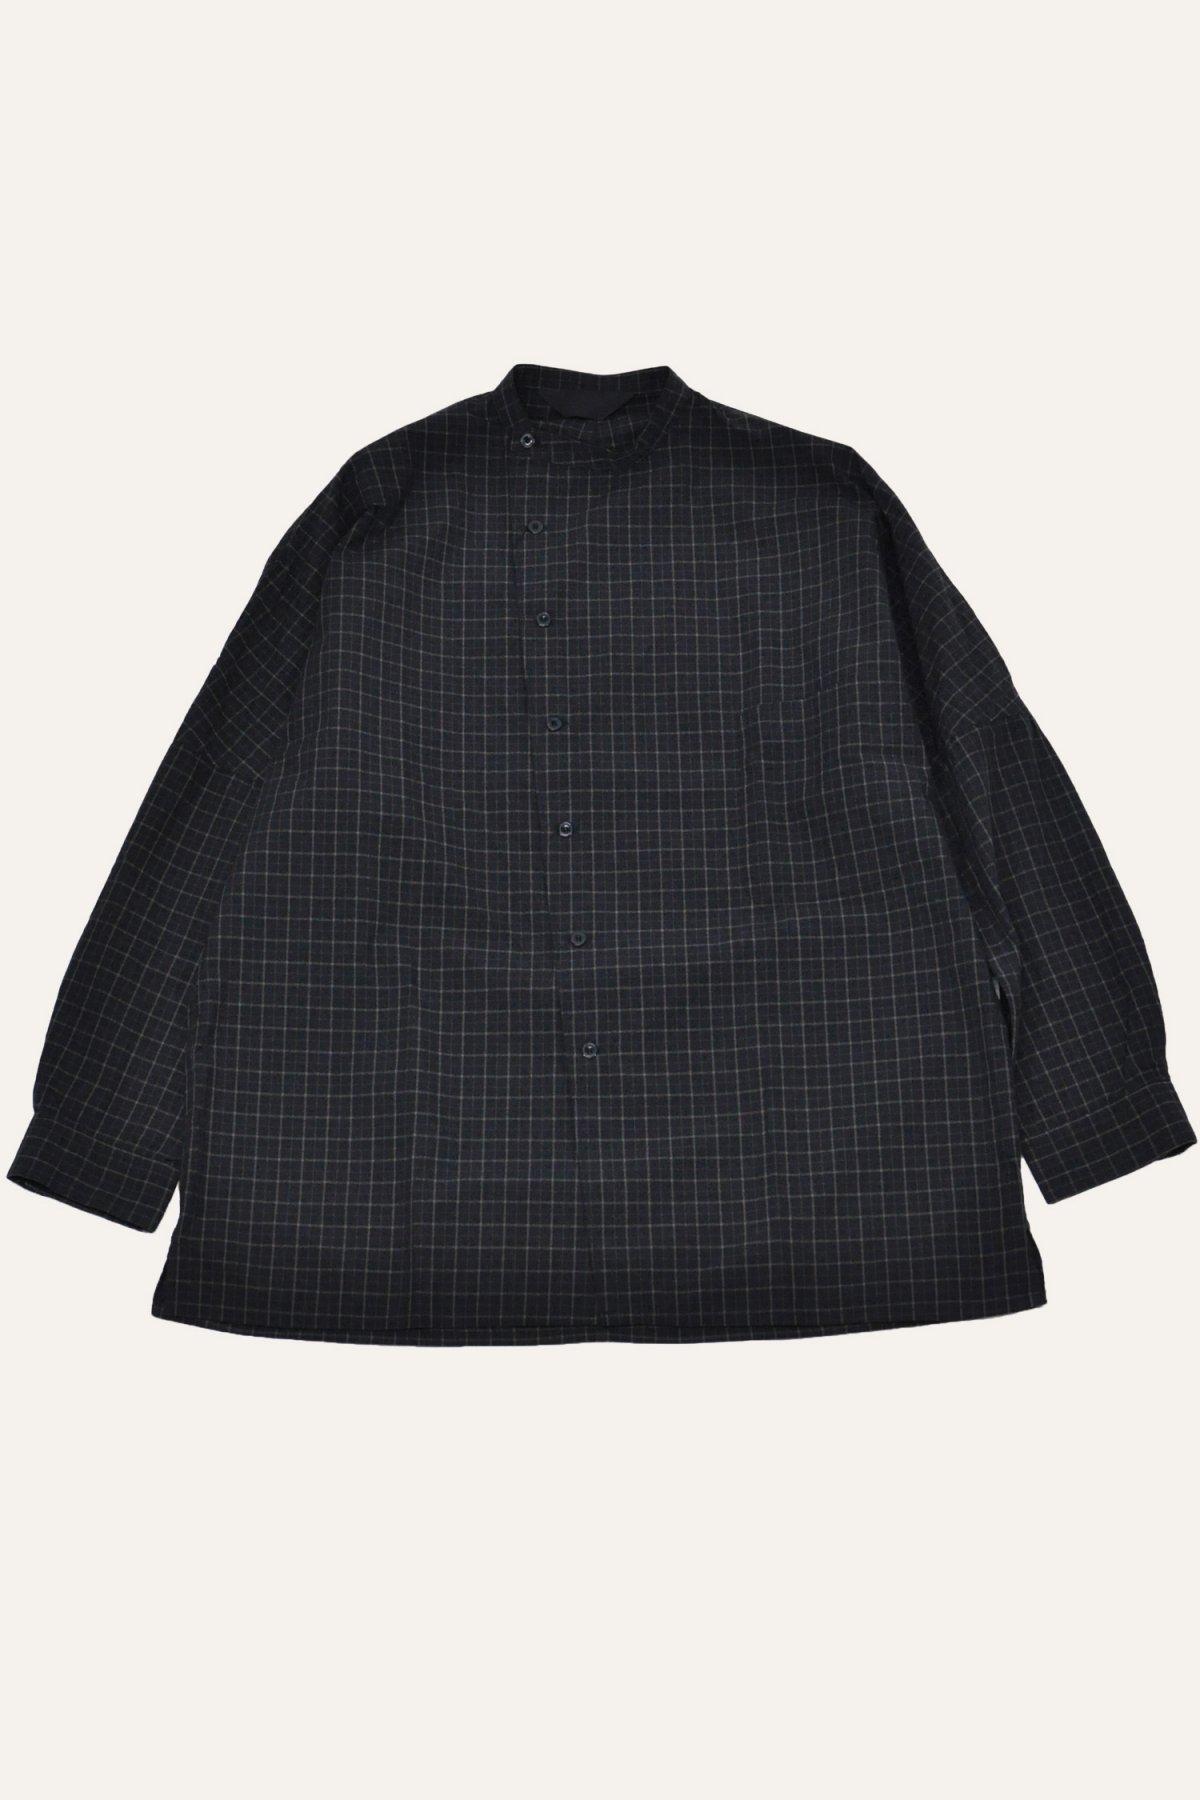 DOLMAN SLANT SHIRT – BLACK CHECK